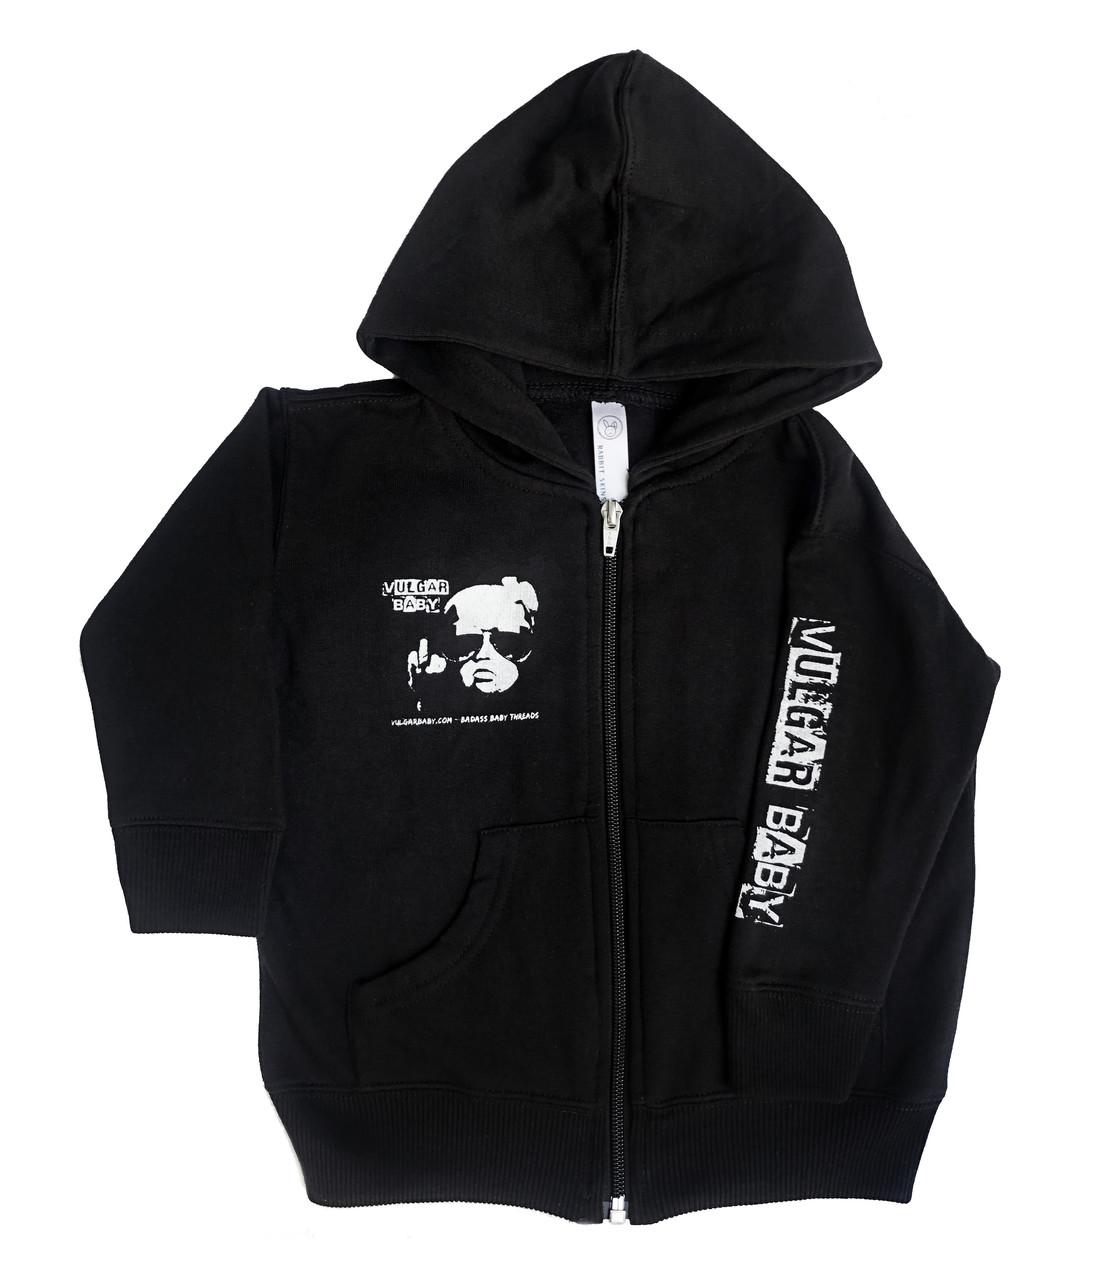 6aaa7971 Vulgar Baby Hoodie, Vulgar Baby brand, Vulgar Baby logo jacket, Cool baby  hoodie